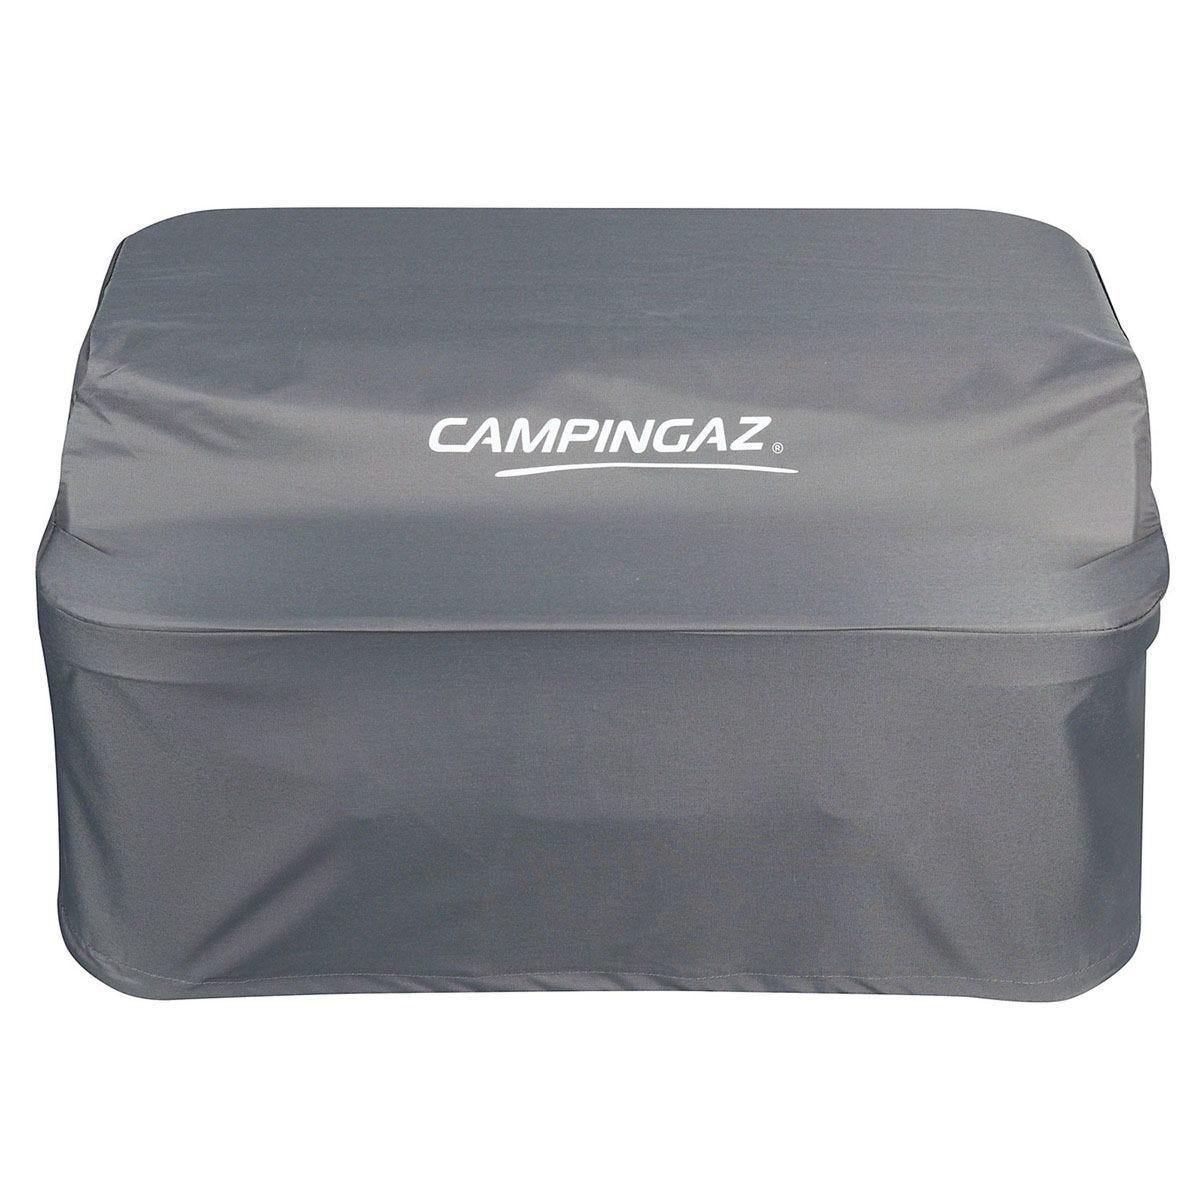 Campingaz Attitude 2100 Cover - Black